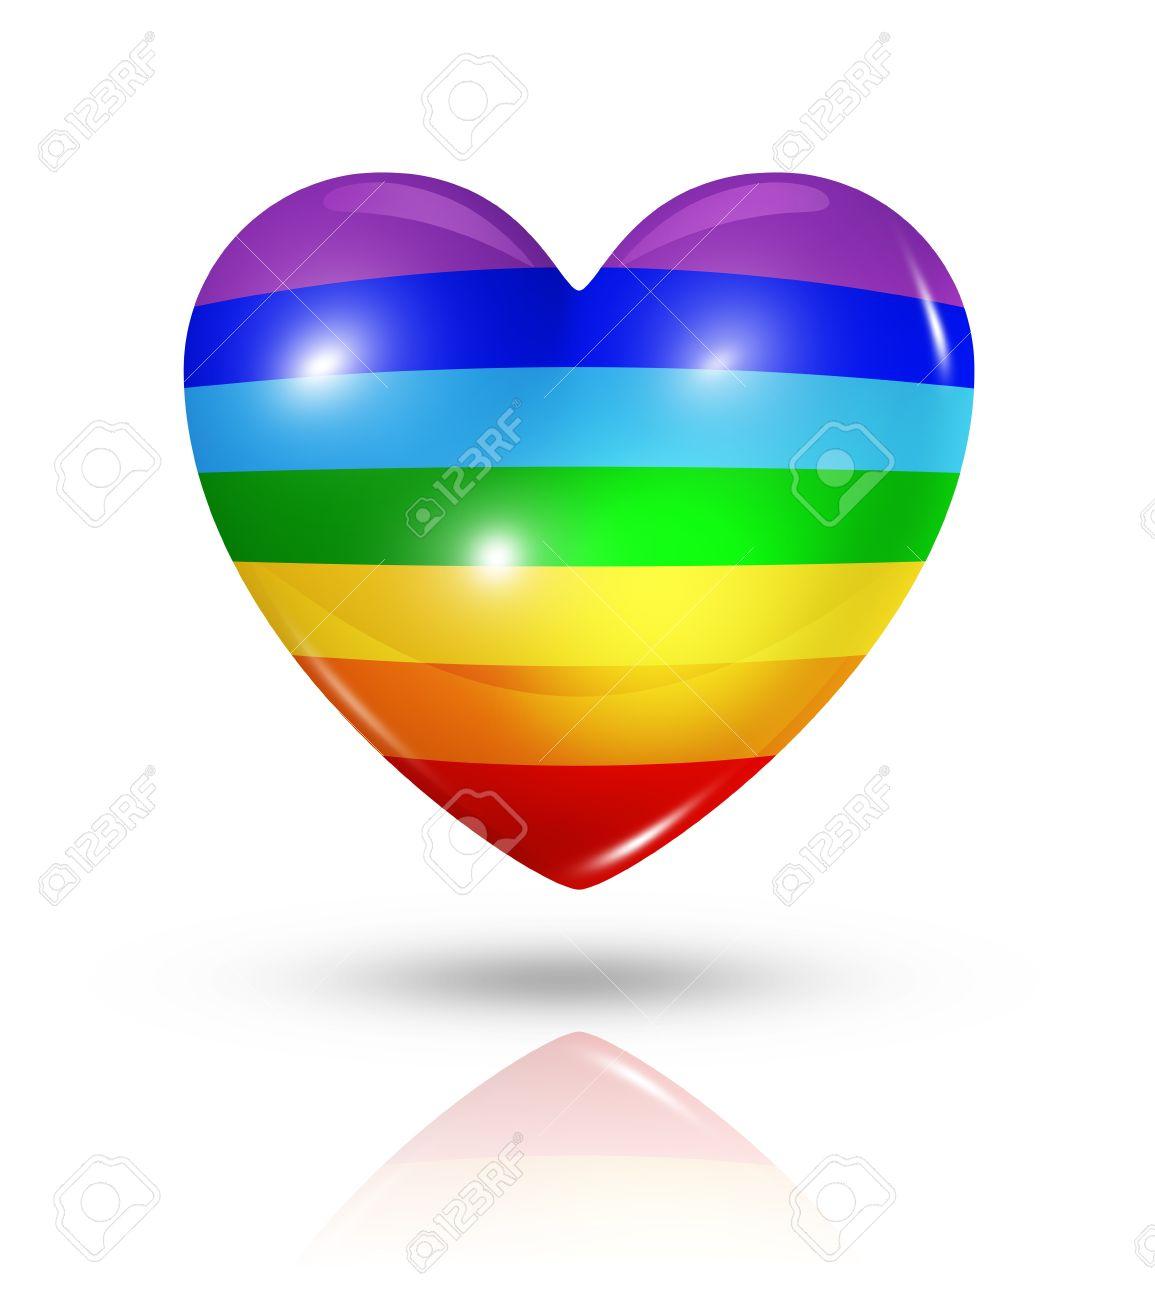 Love peace symbol 3d rainbow heart flag stock photo picture and love peace symbol 3d rainbow heart flag stock photo 22160335 biocorpaavc